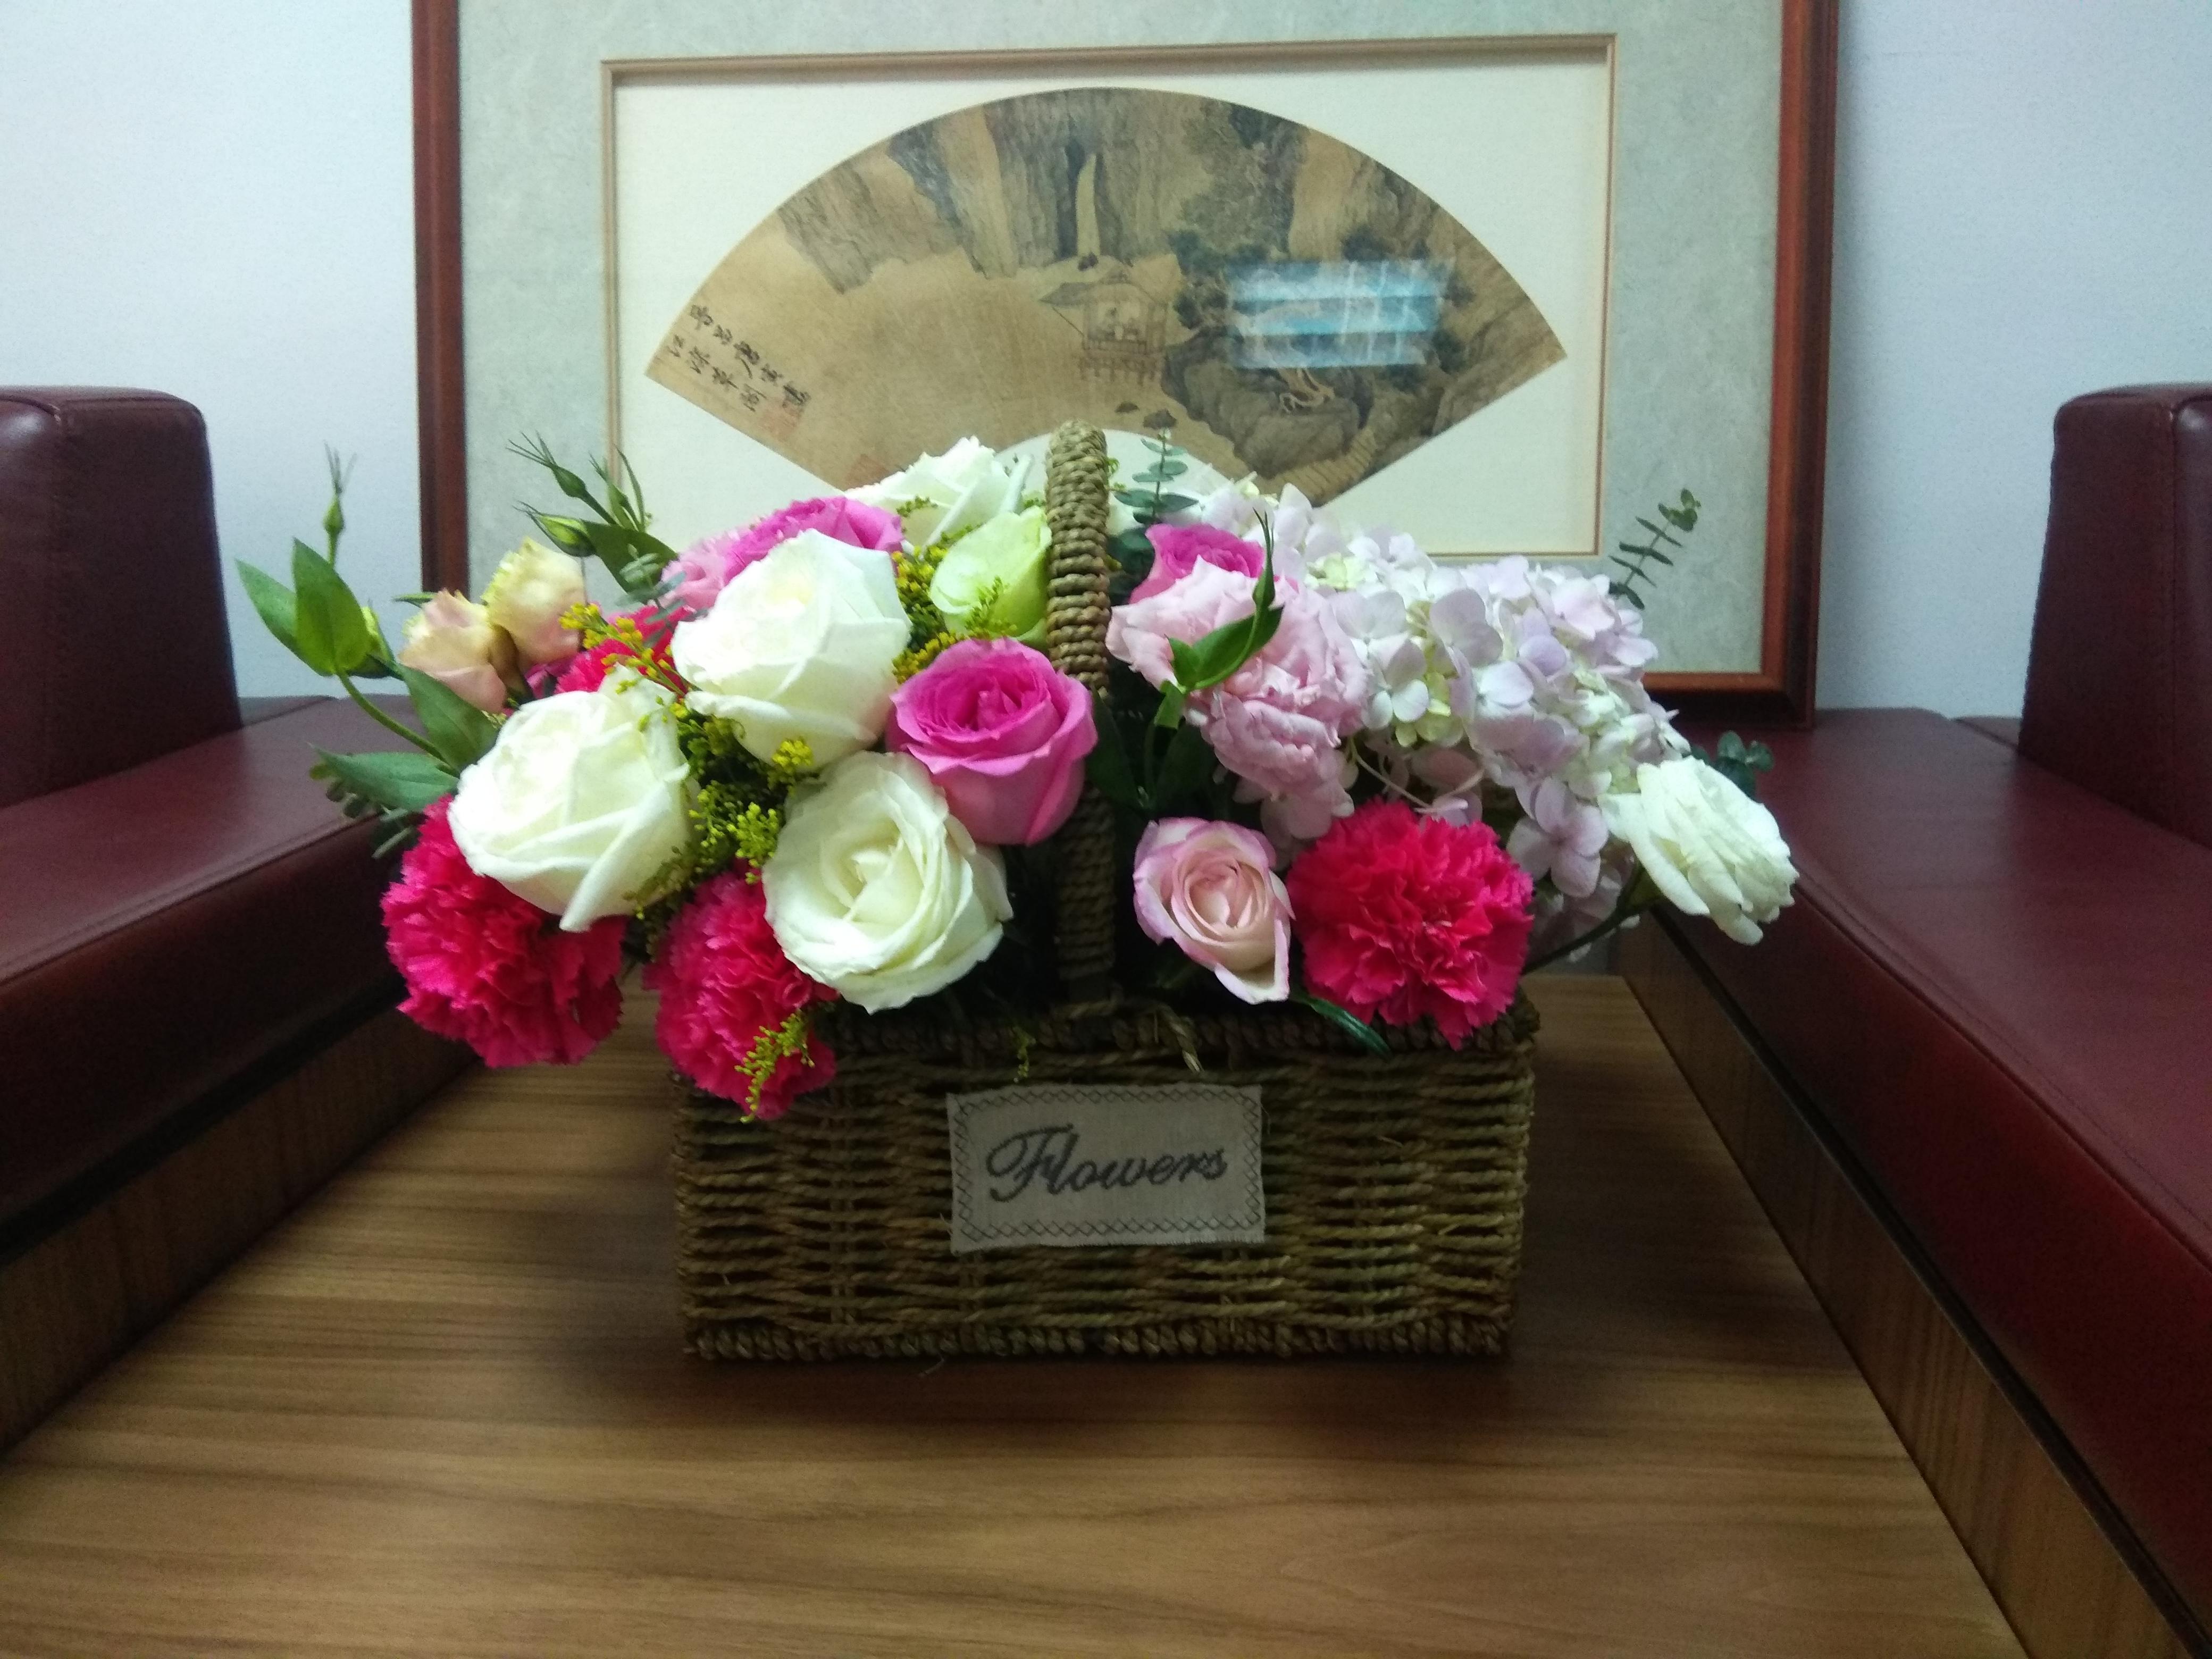 石夏兰条形手提礼品花篮,此花,曾,被用户选作,赠送贵宾,玫瑰花,绣球,康乃馨鲜花图片展示